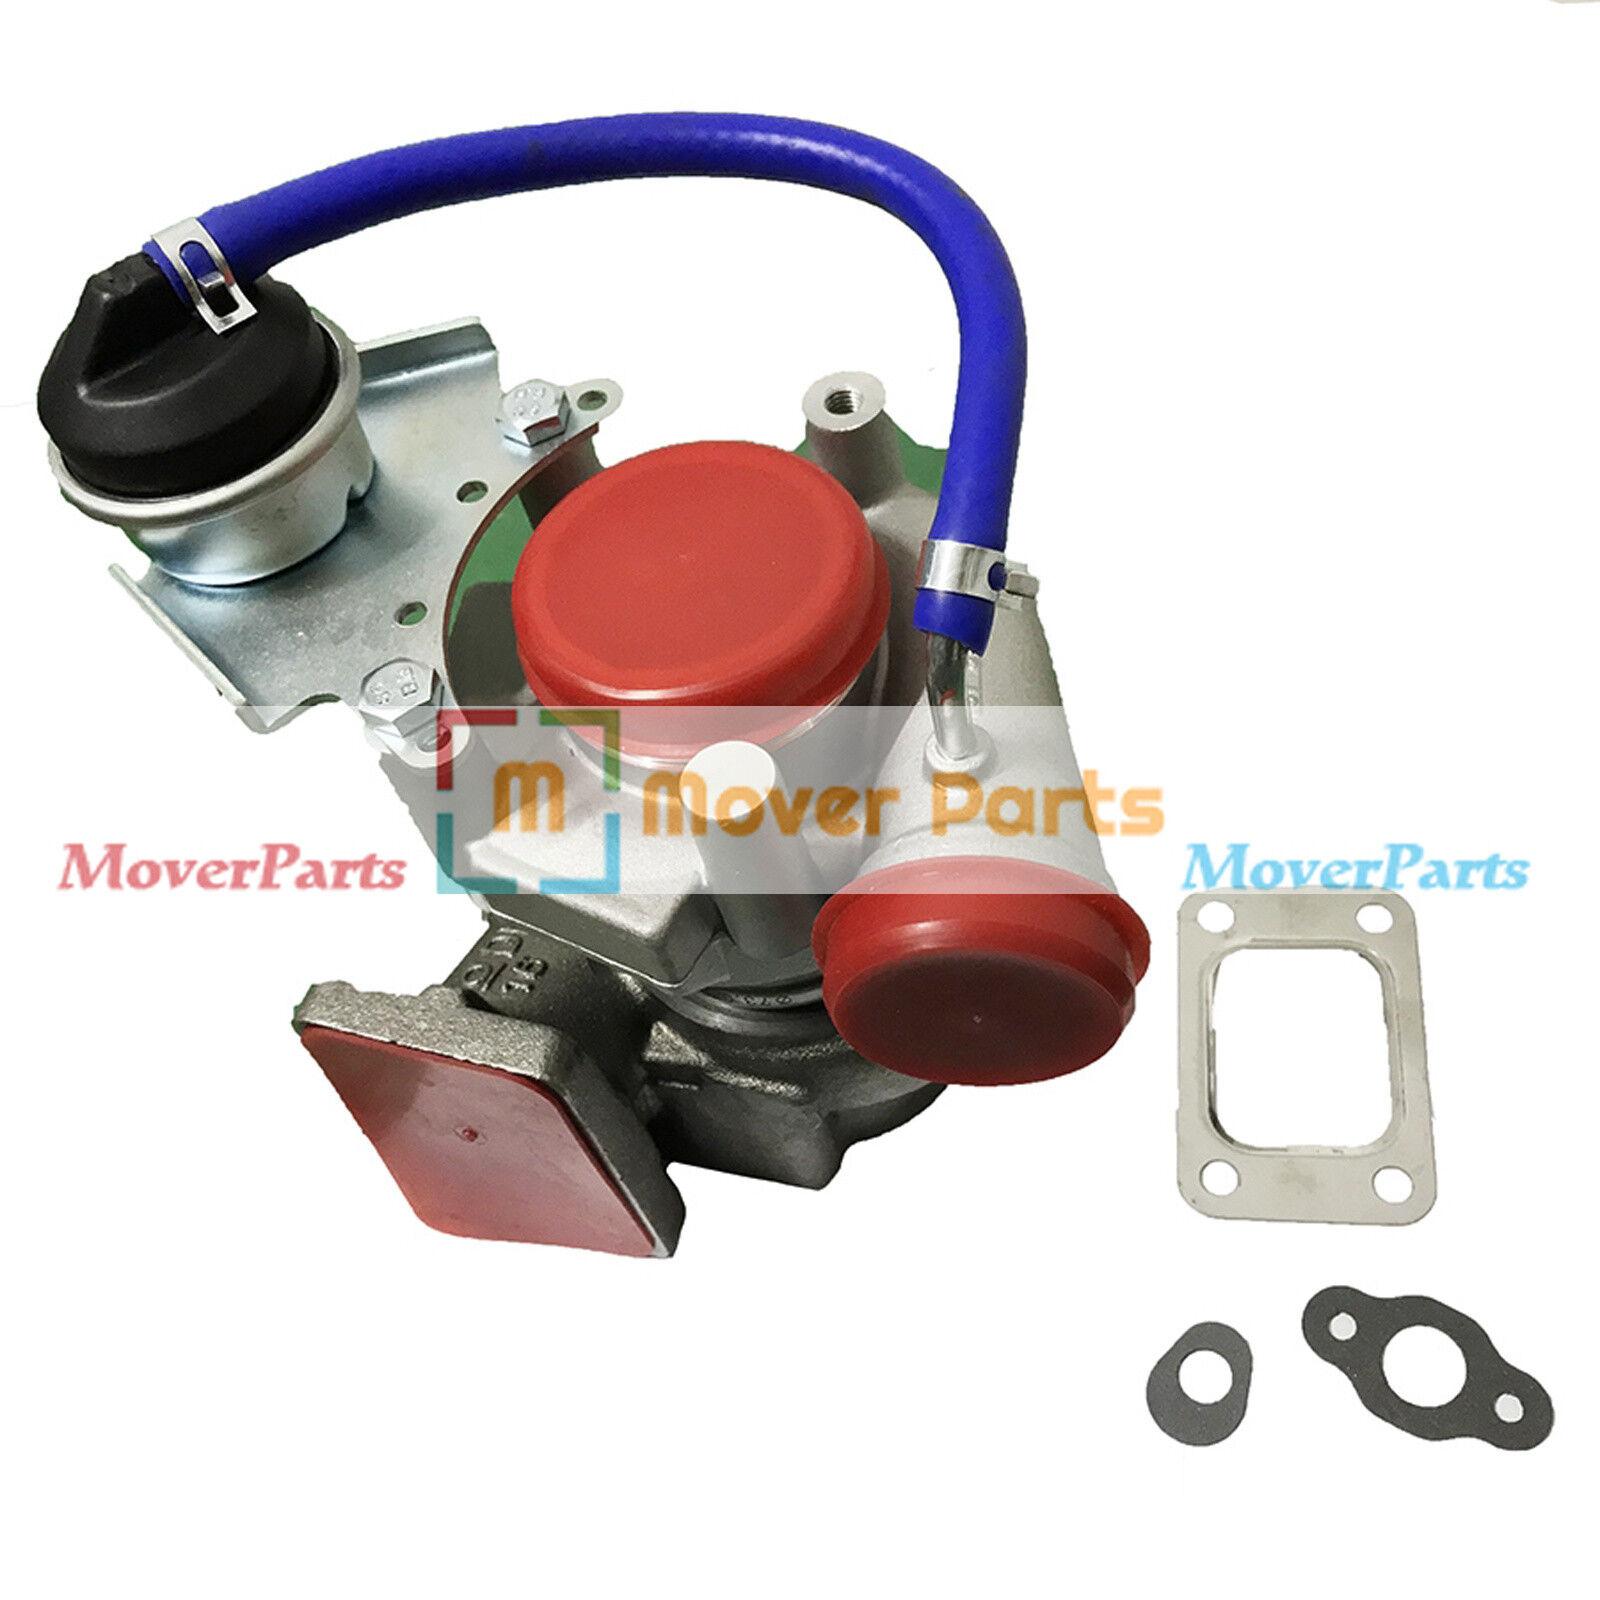 Turbo 6680892 For Bobcat T2250 V417 A300 S220 S250 S300 T250 T300 Kubota L 3830 Engine Parts Diagram V3300